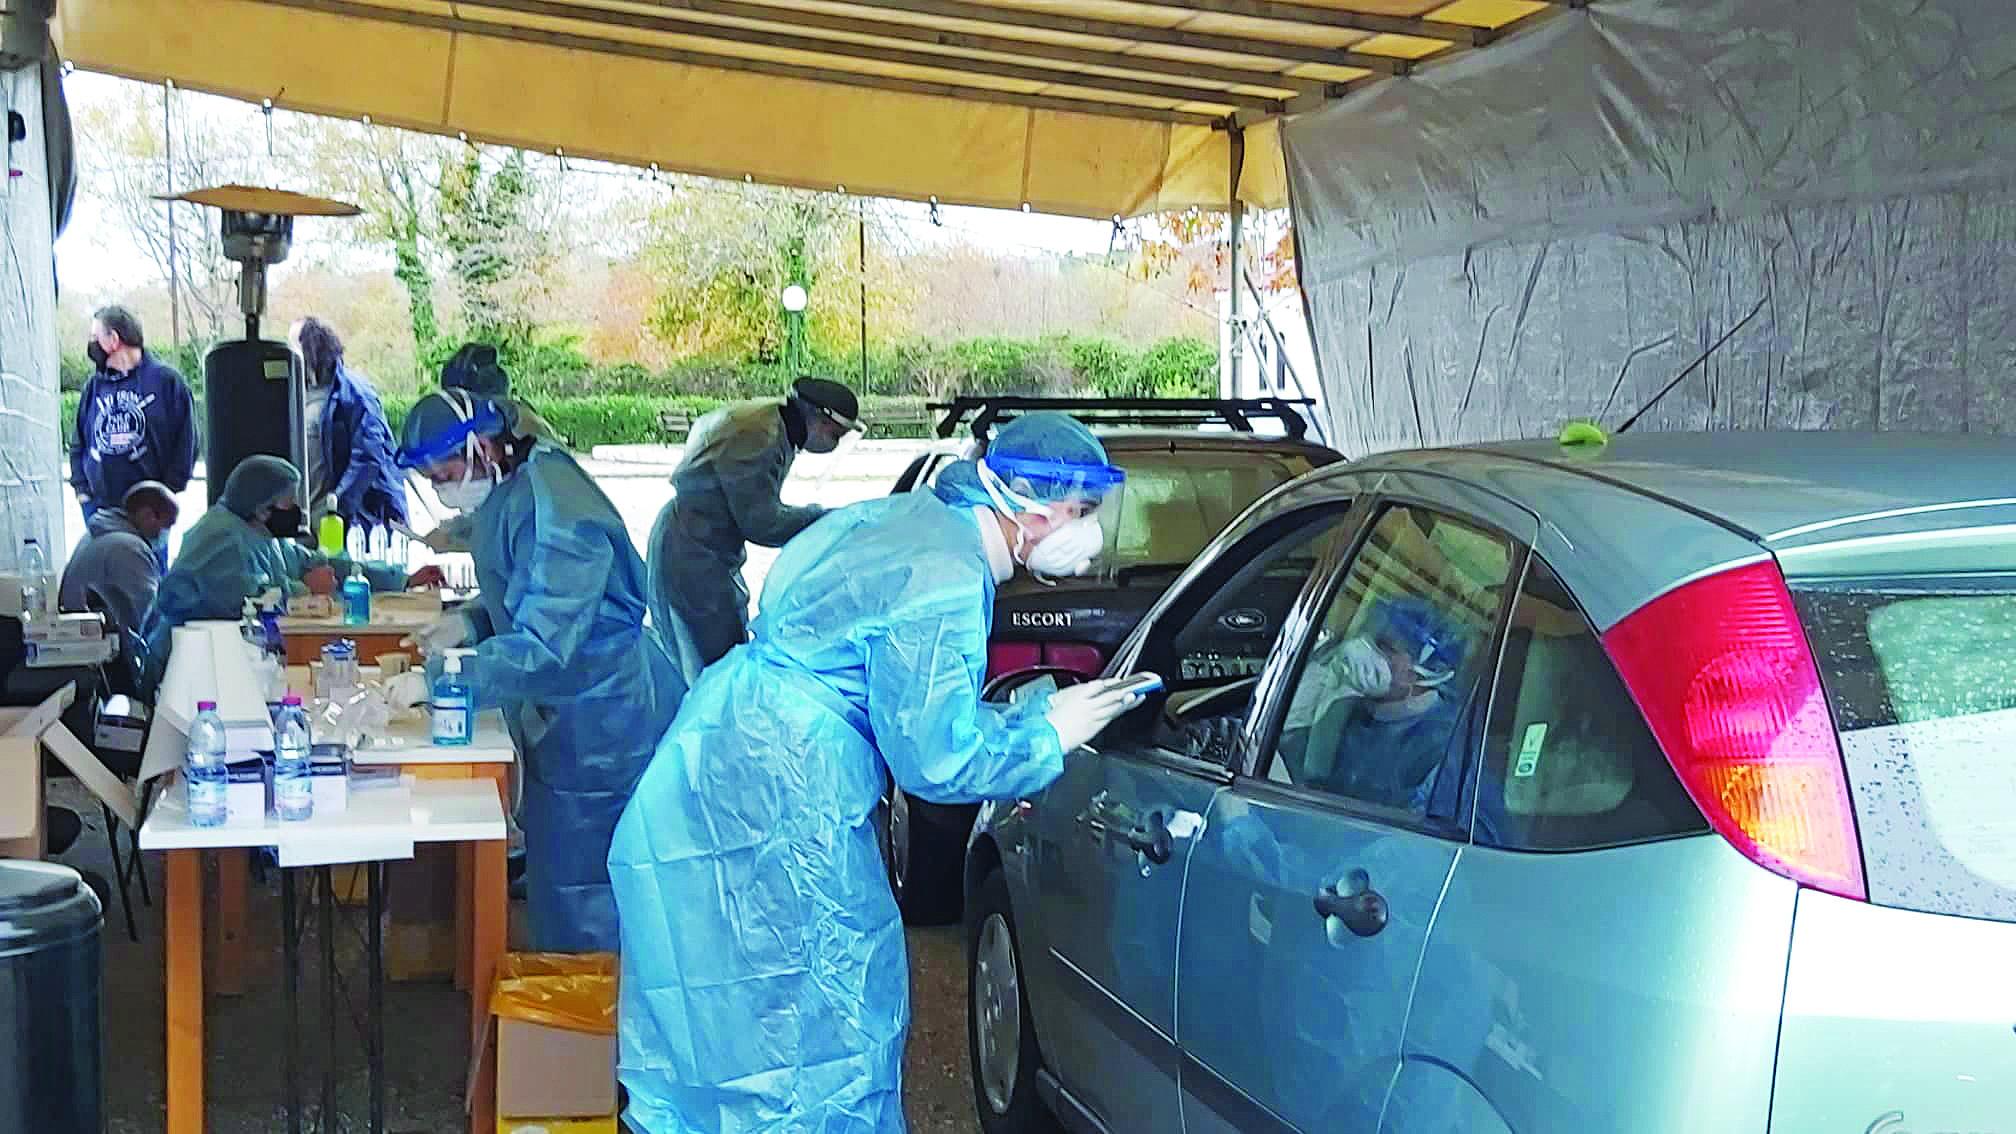 Έλεγχος rapid test στο αυτοκίνητο